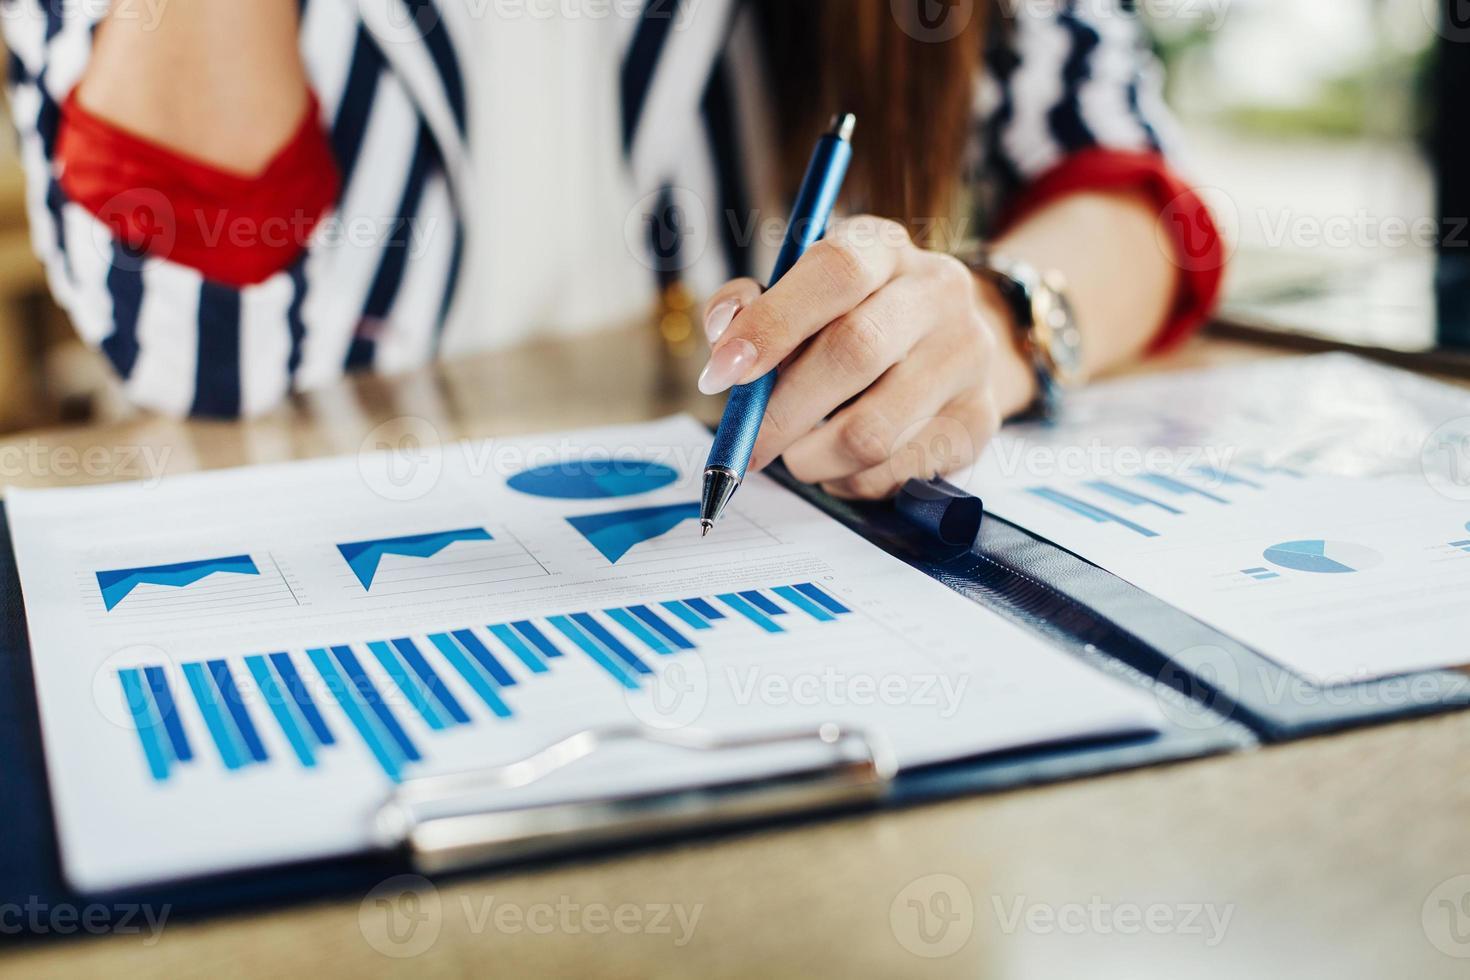 fin, haut, femme, main, pointage, affaires, document photo